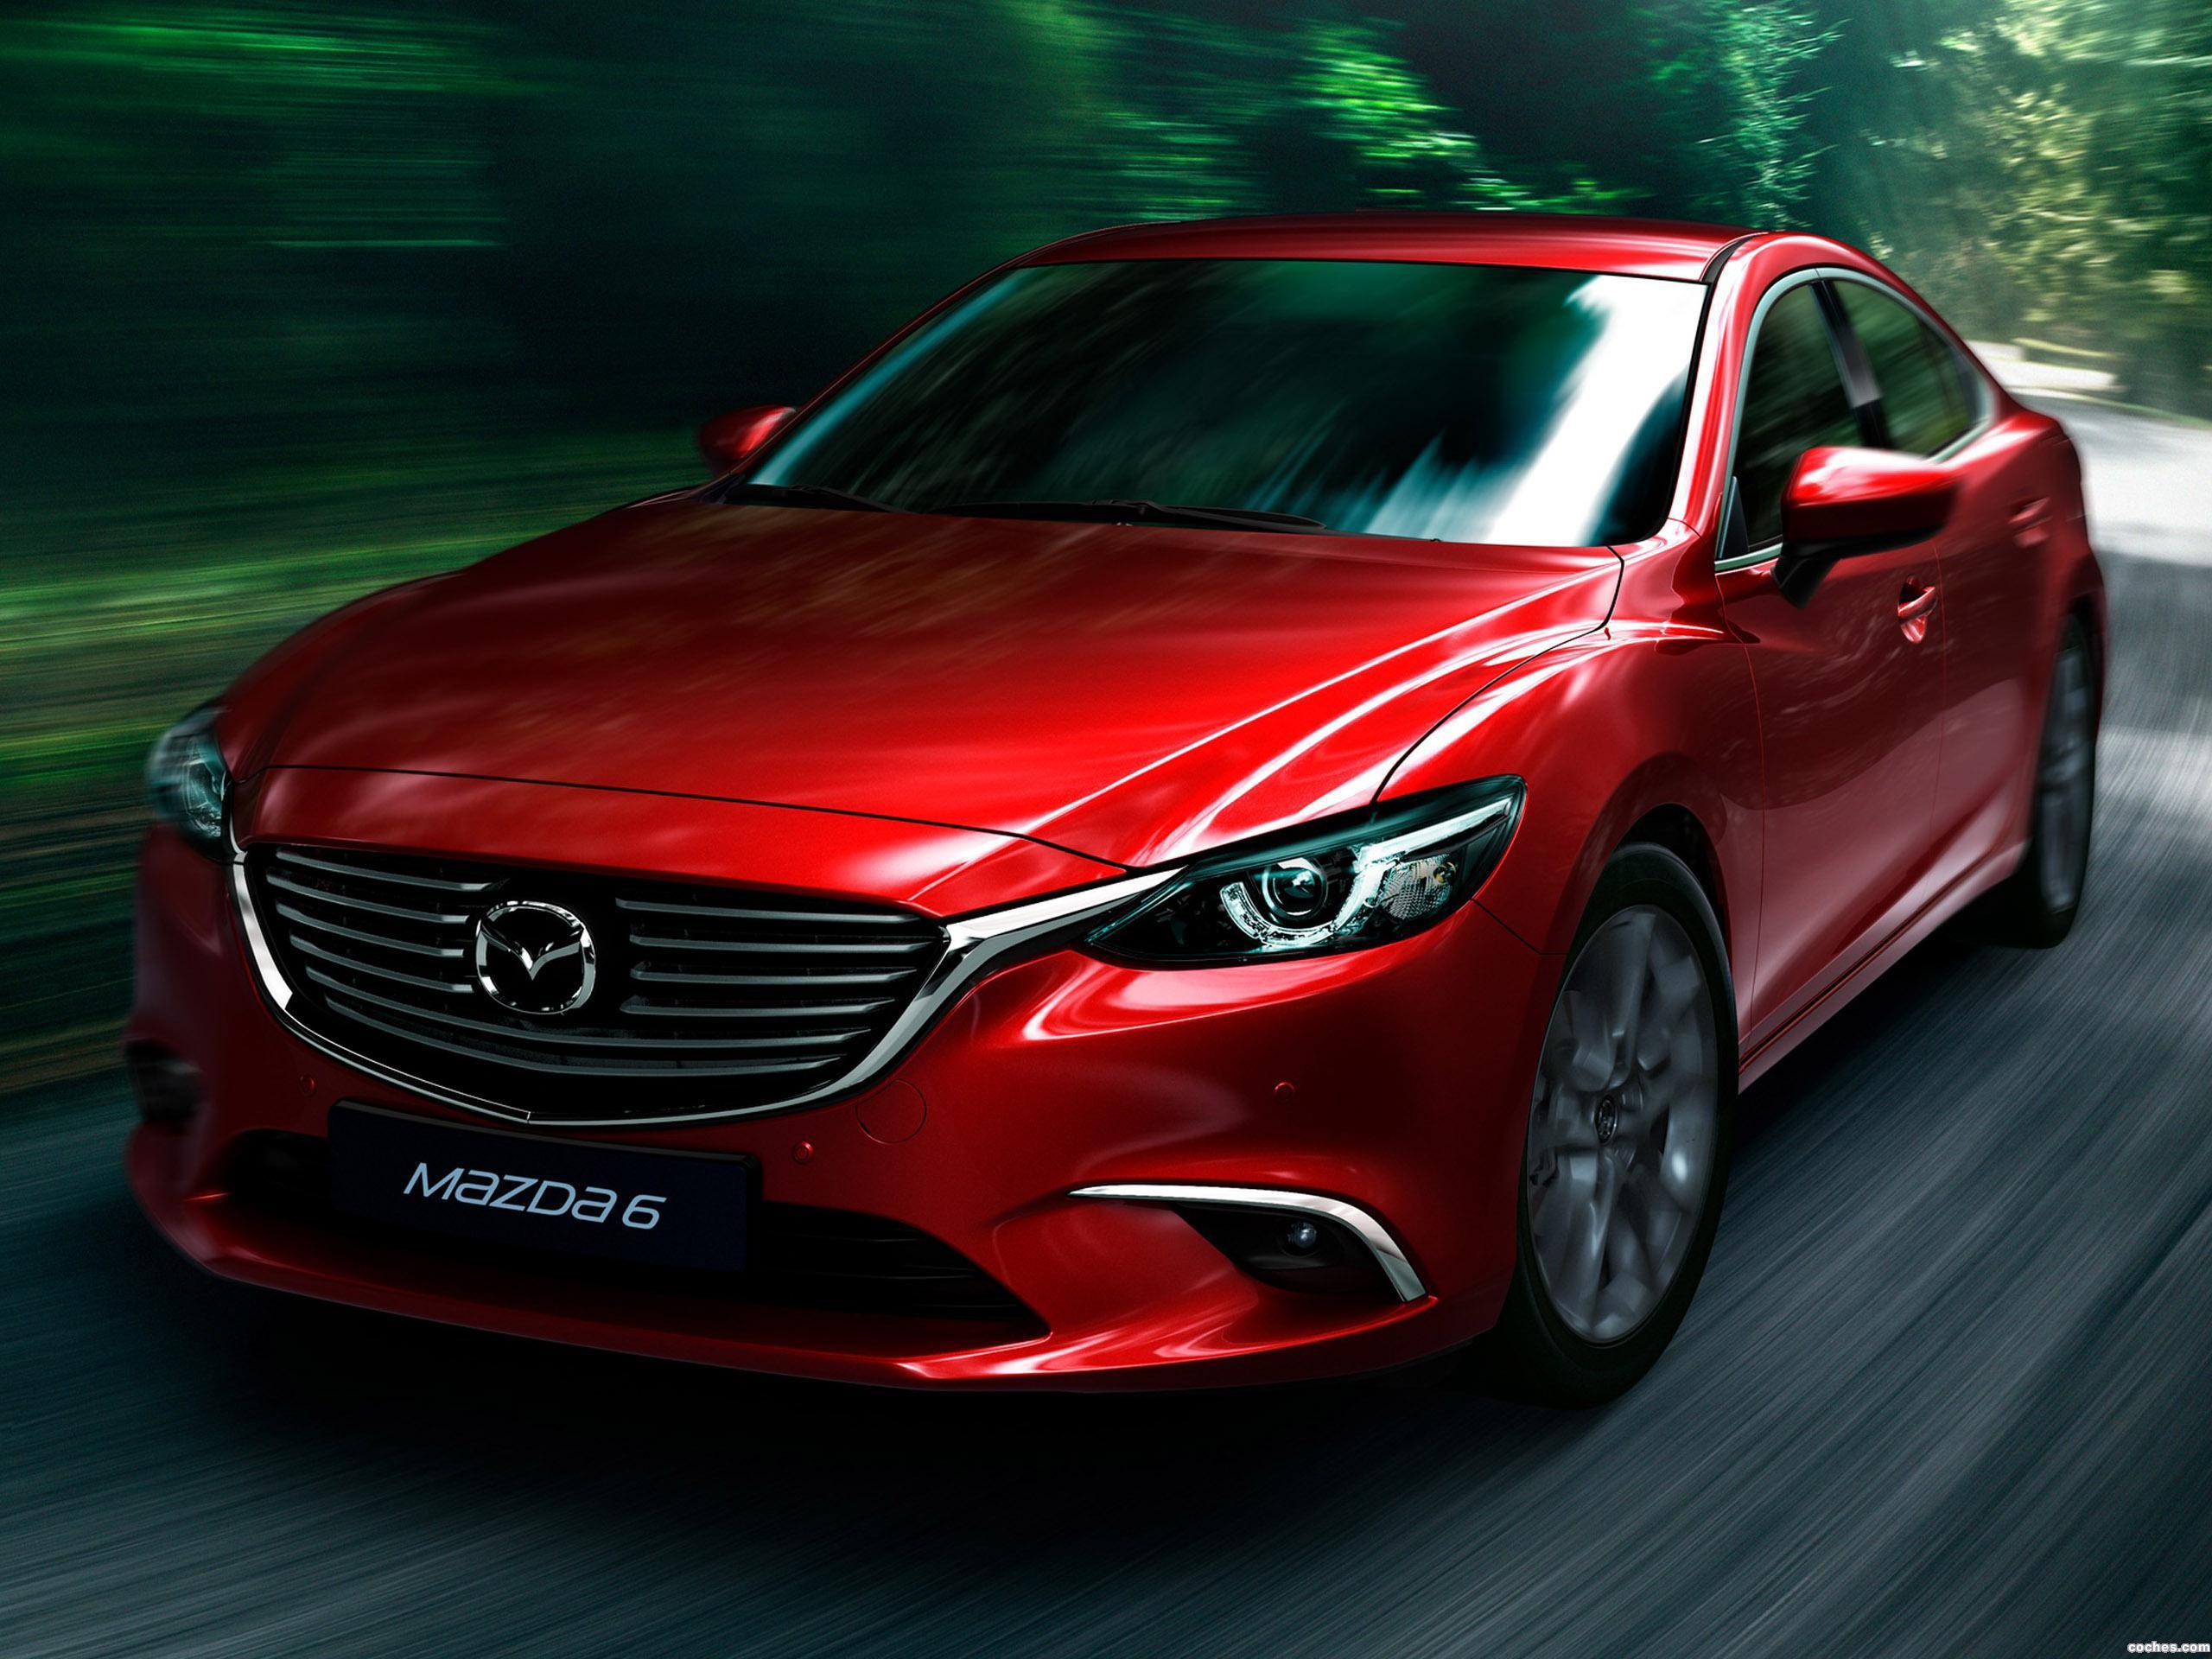 Foto 0 de Mazda 6 Sedan 2015